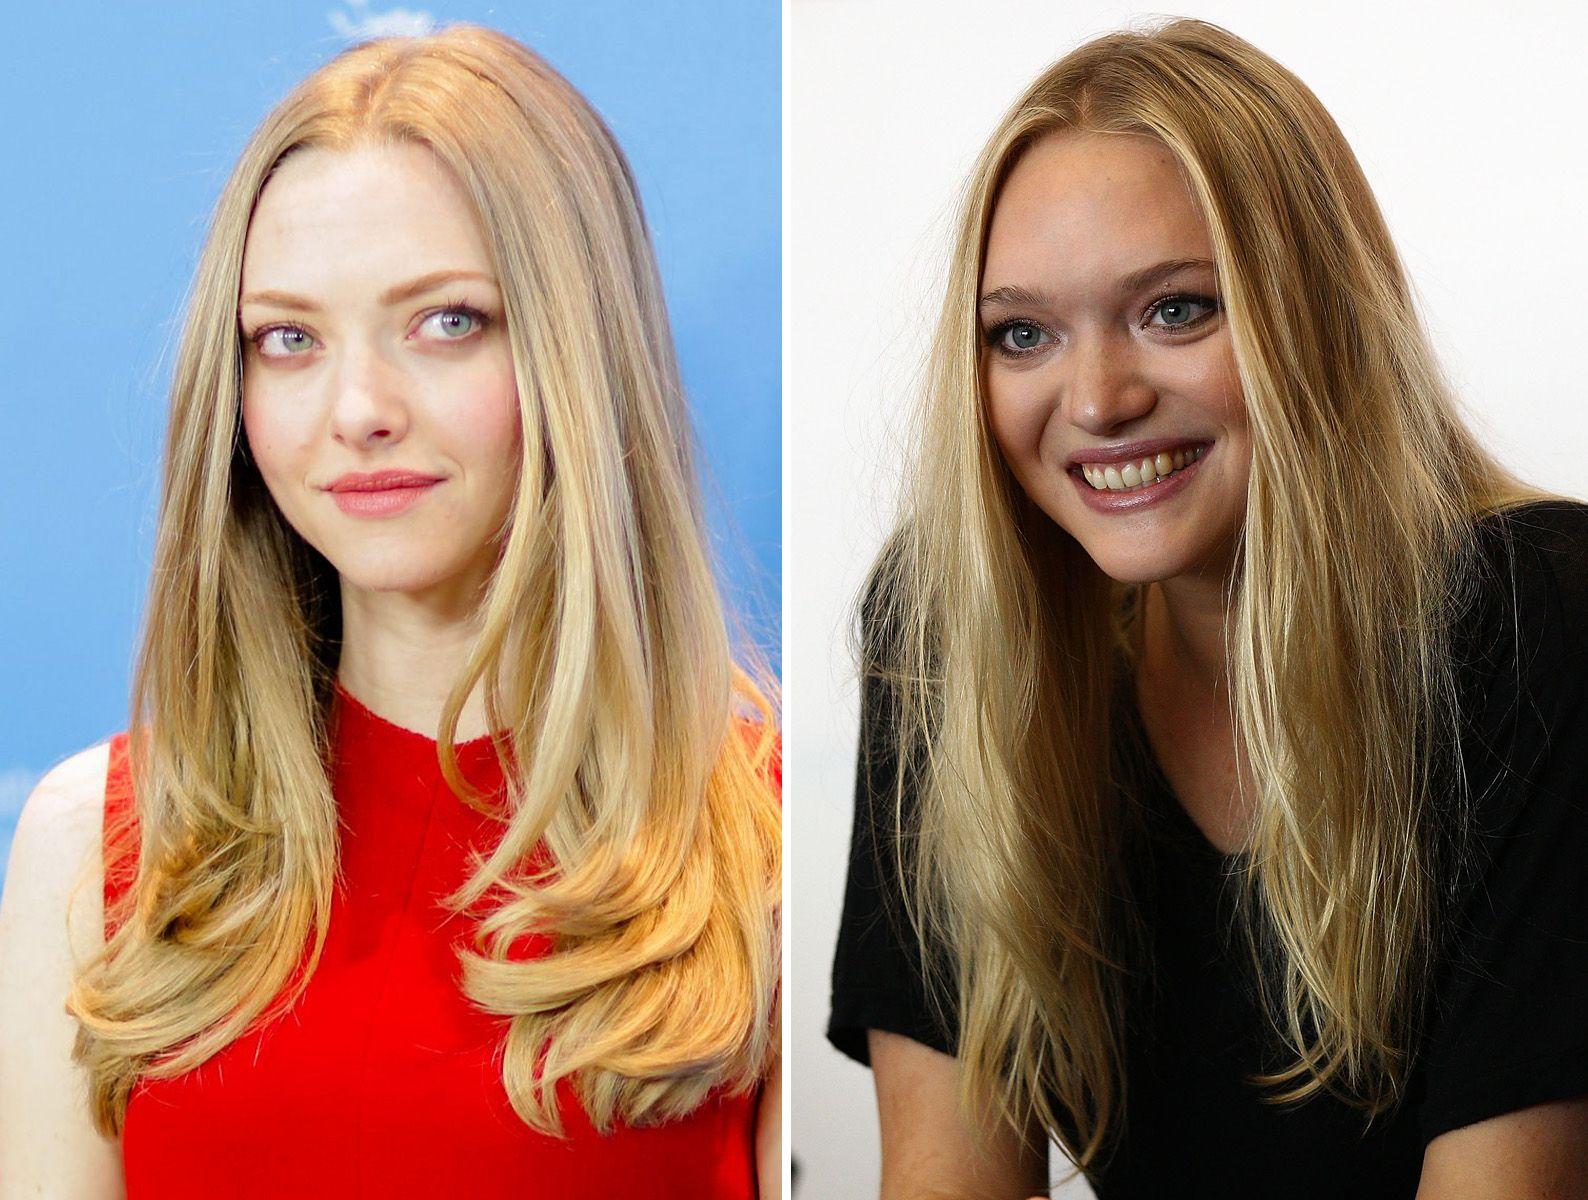 Звезды-двойники: знаменитости, которые невероятно похожи друг на друга - фото 5